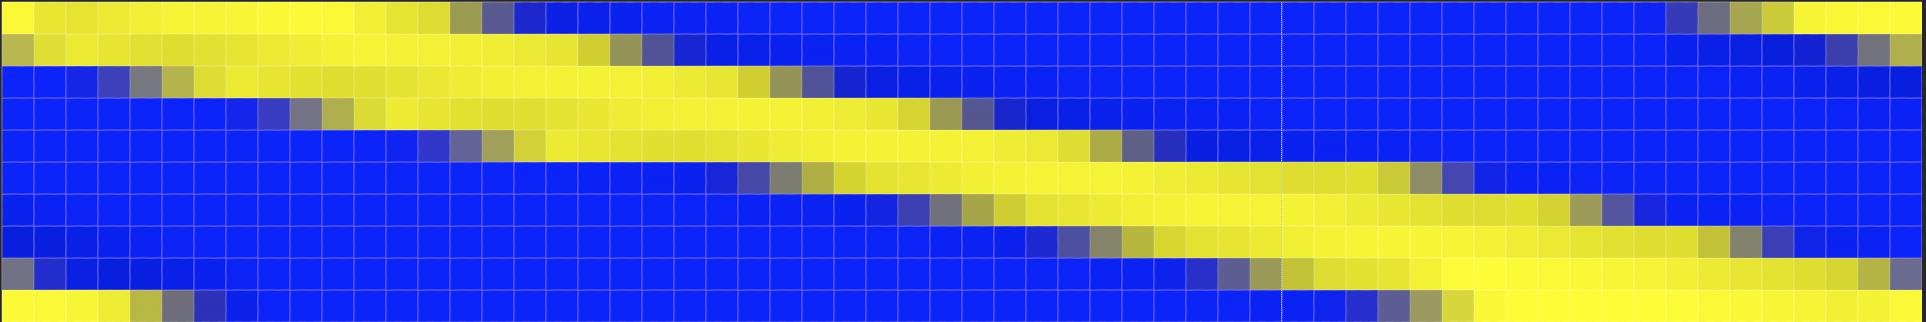 led_pixels_neoAnim10.png